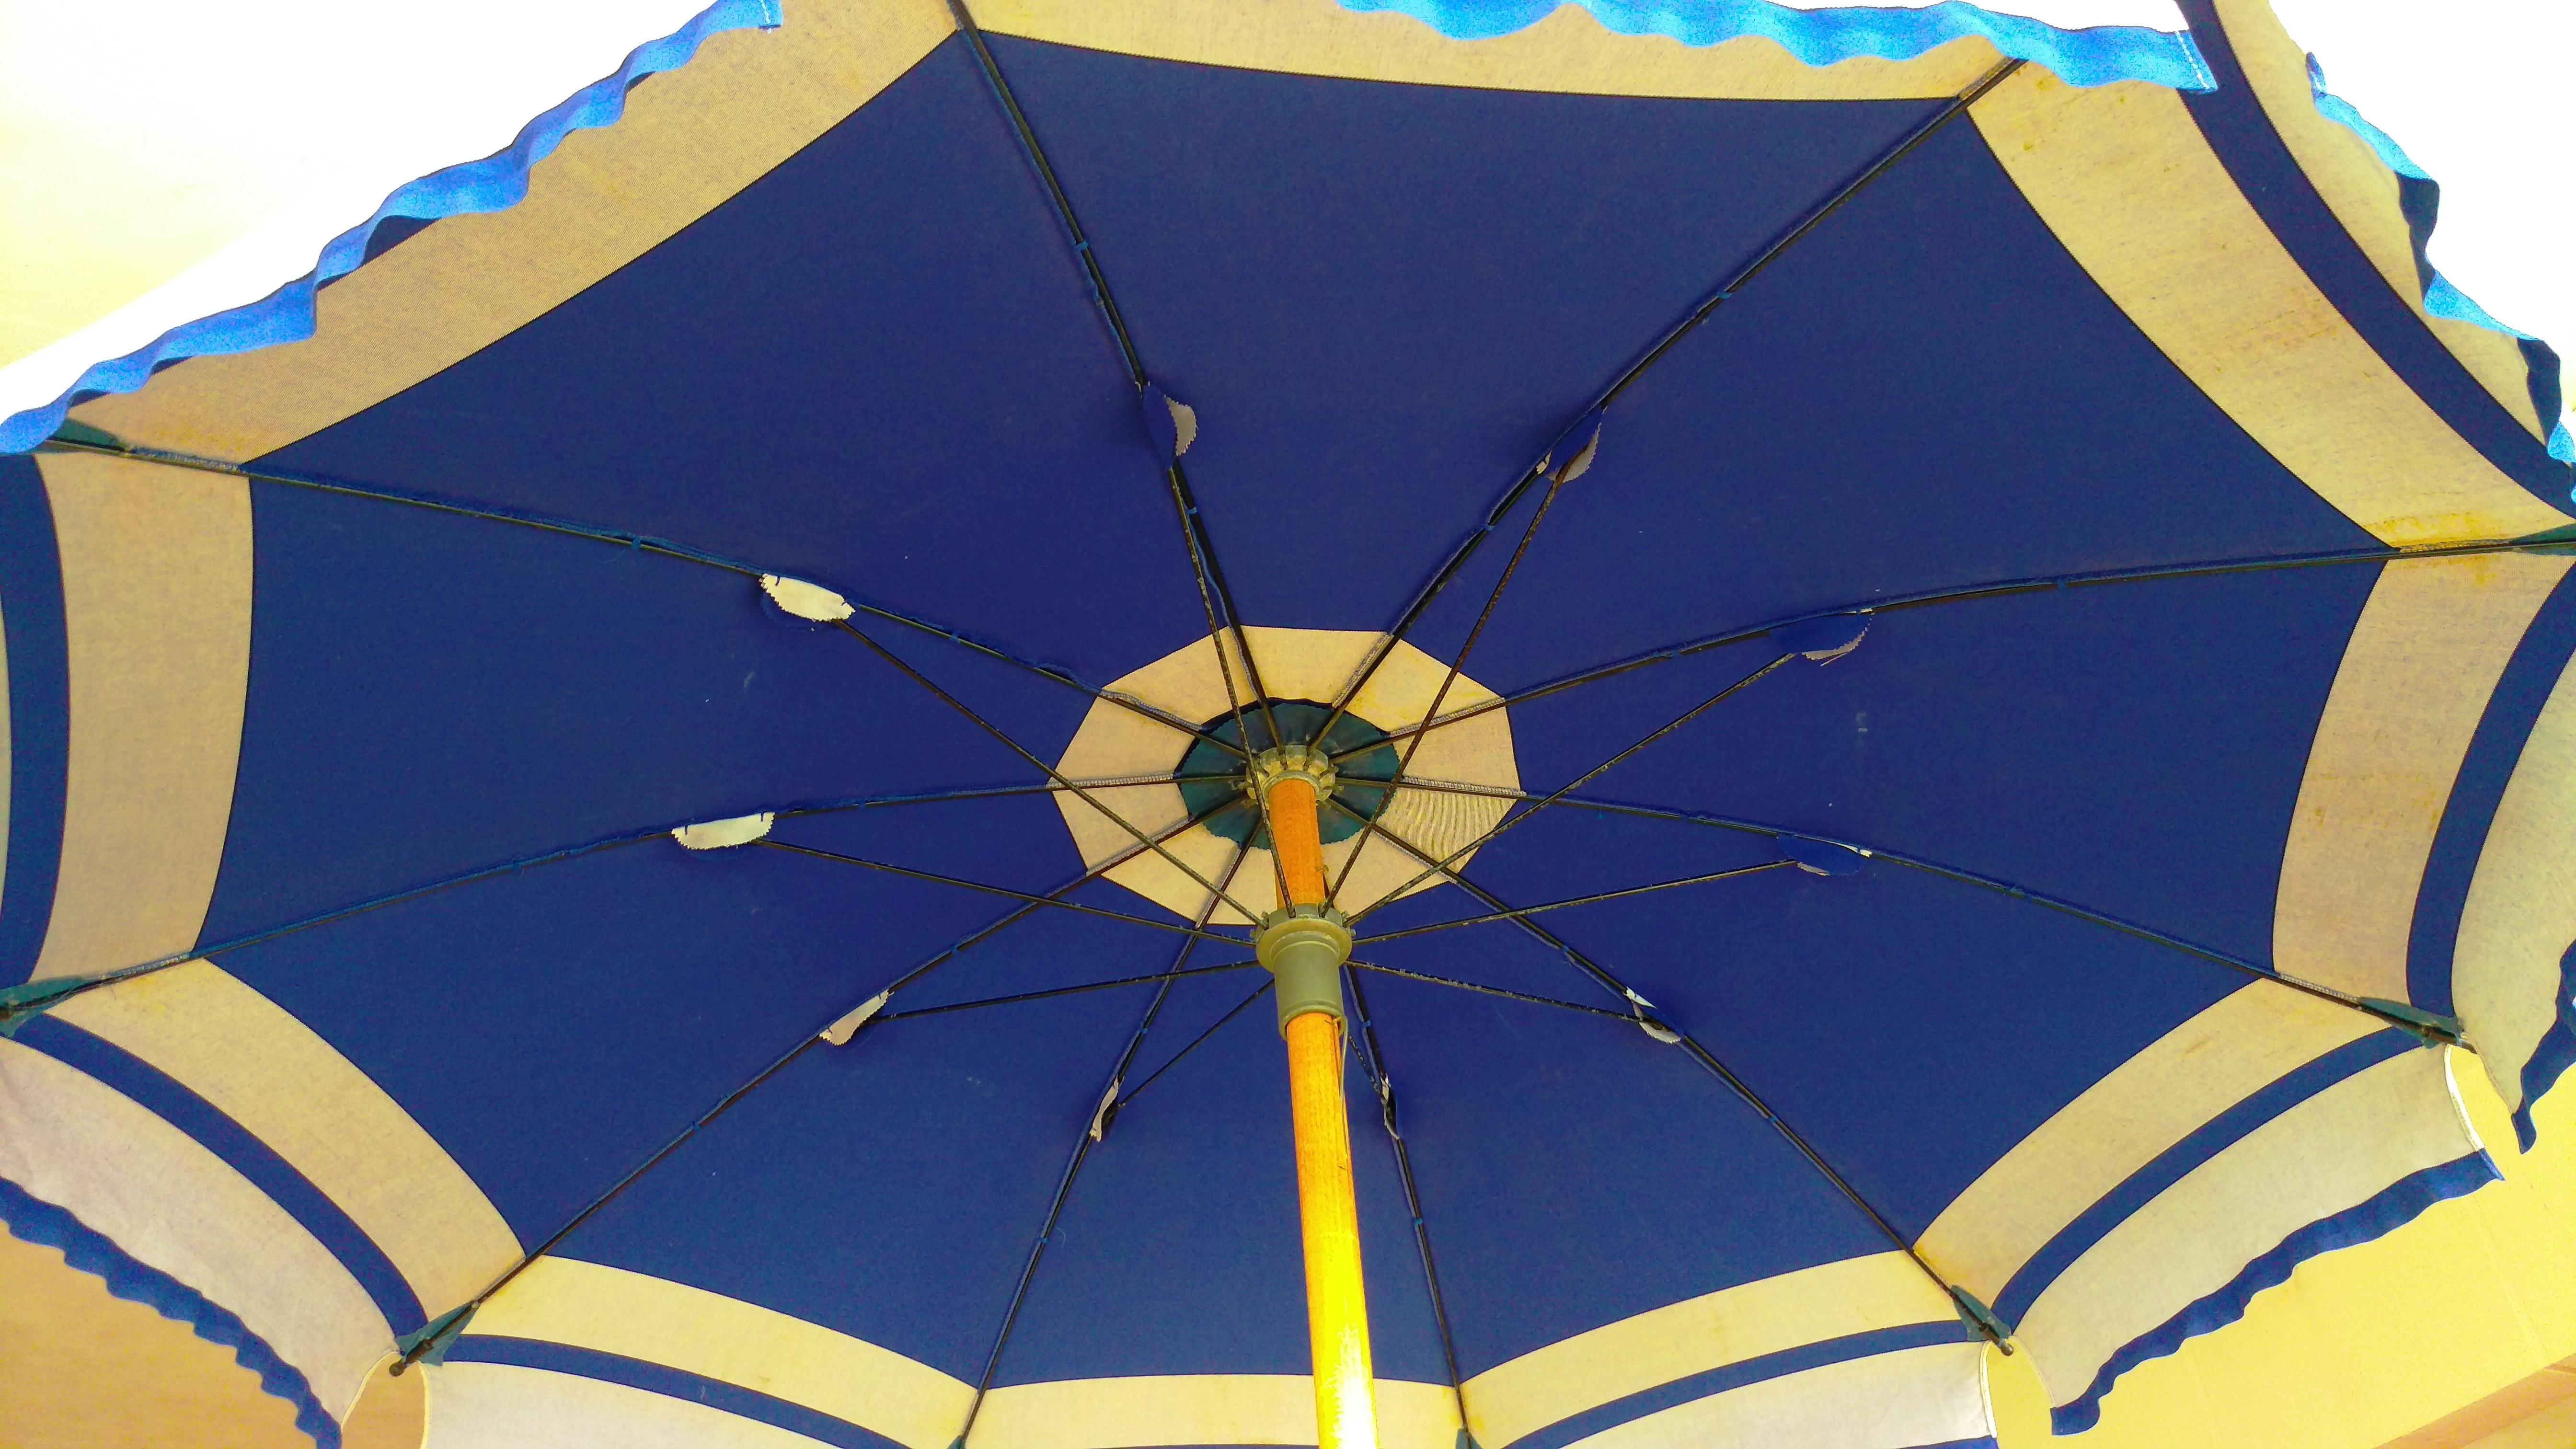 Ombrelloni da giardino usati offerte ombrelloni da giardino ikea ikea giardino catalogo estivo - Ombrelloni da giardino offerte ...